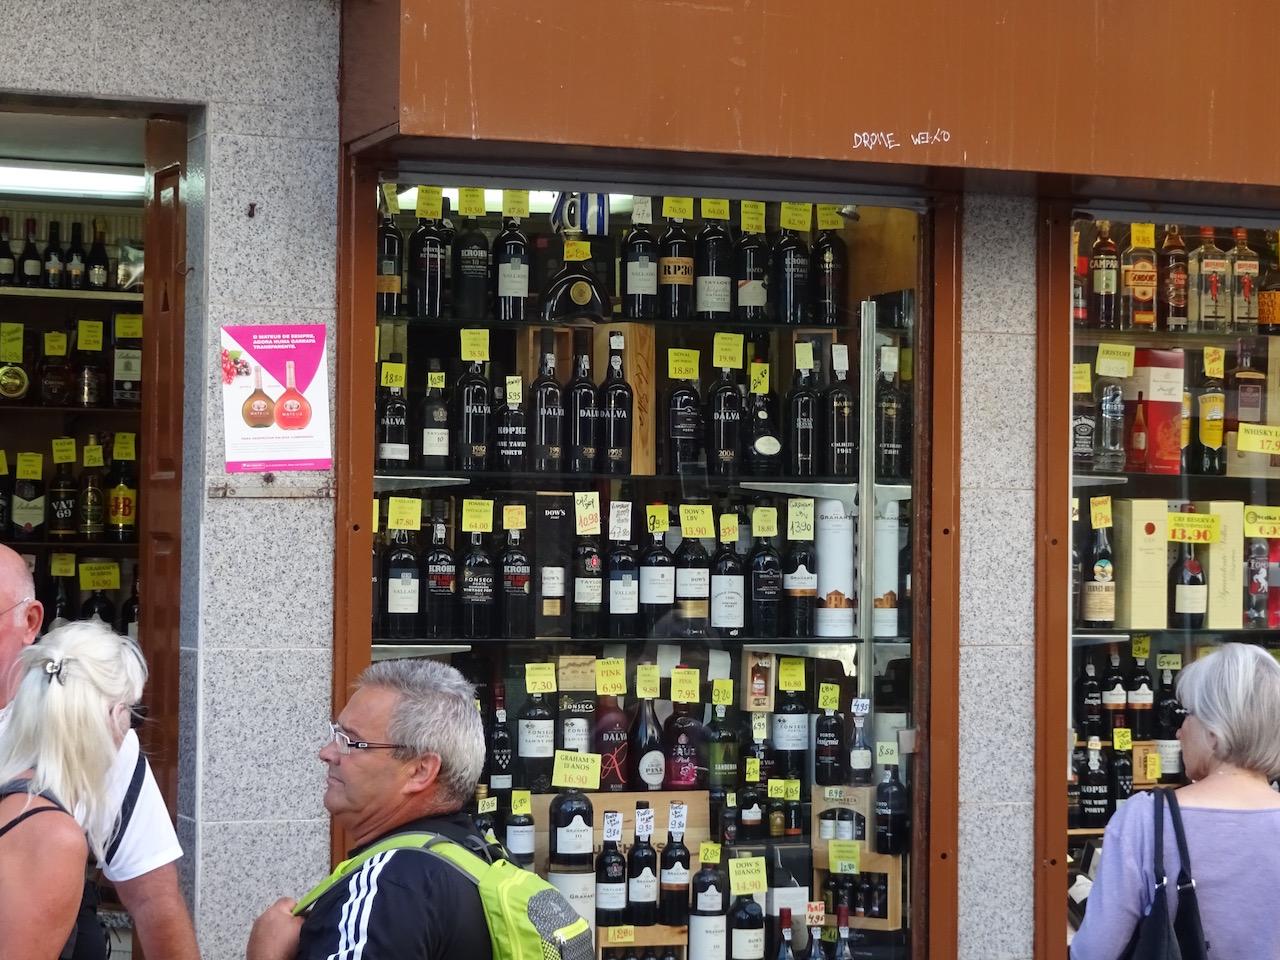 eine überschaubare Auswahl an Getränken